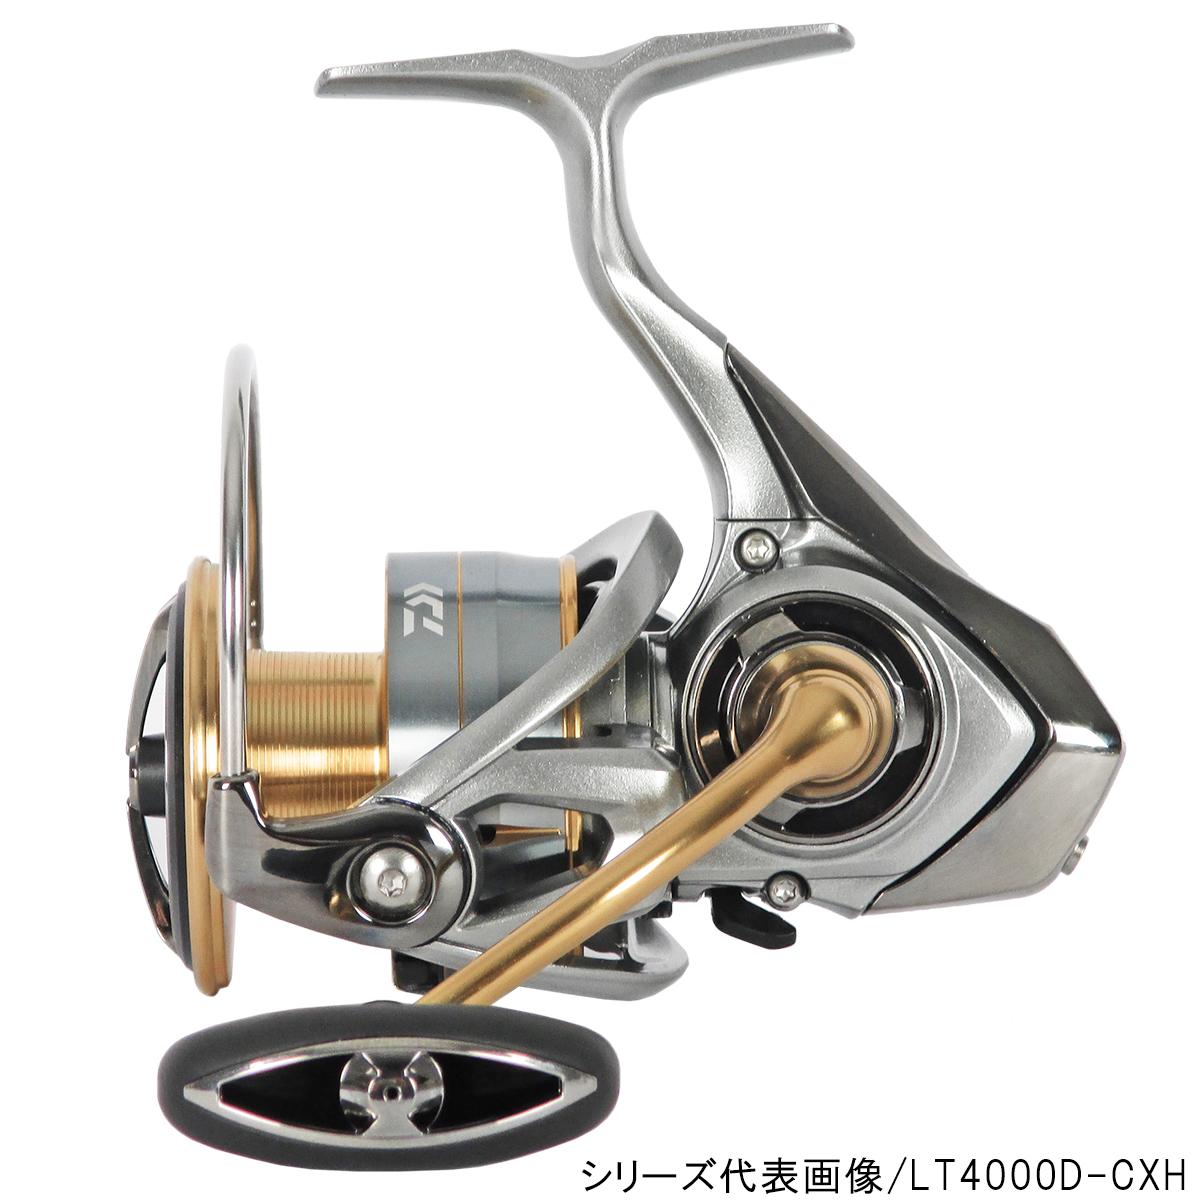 ダイワ フリームス LT4000D-C